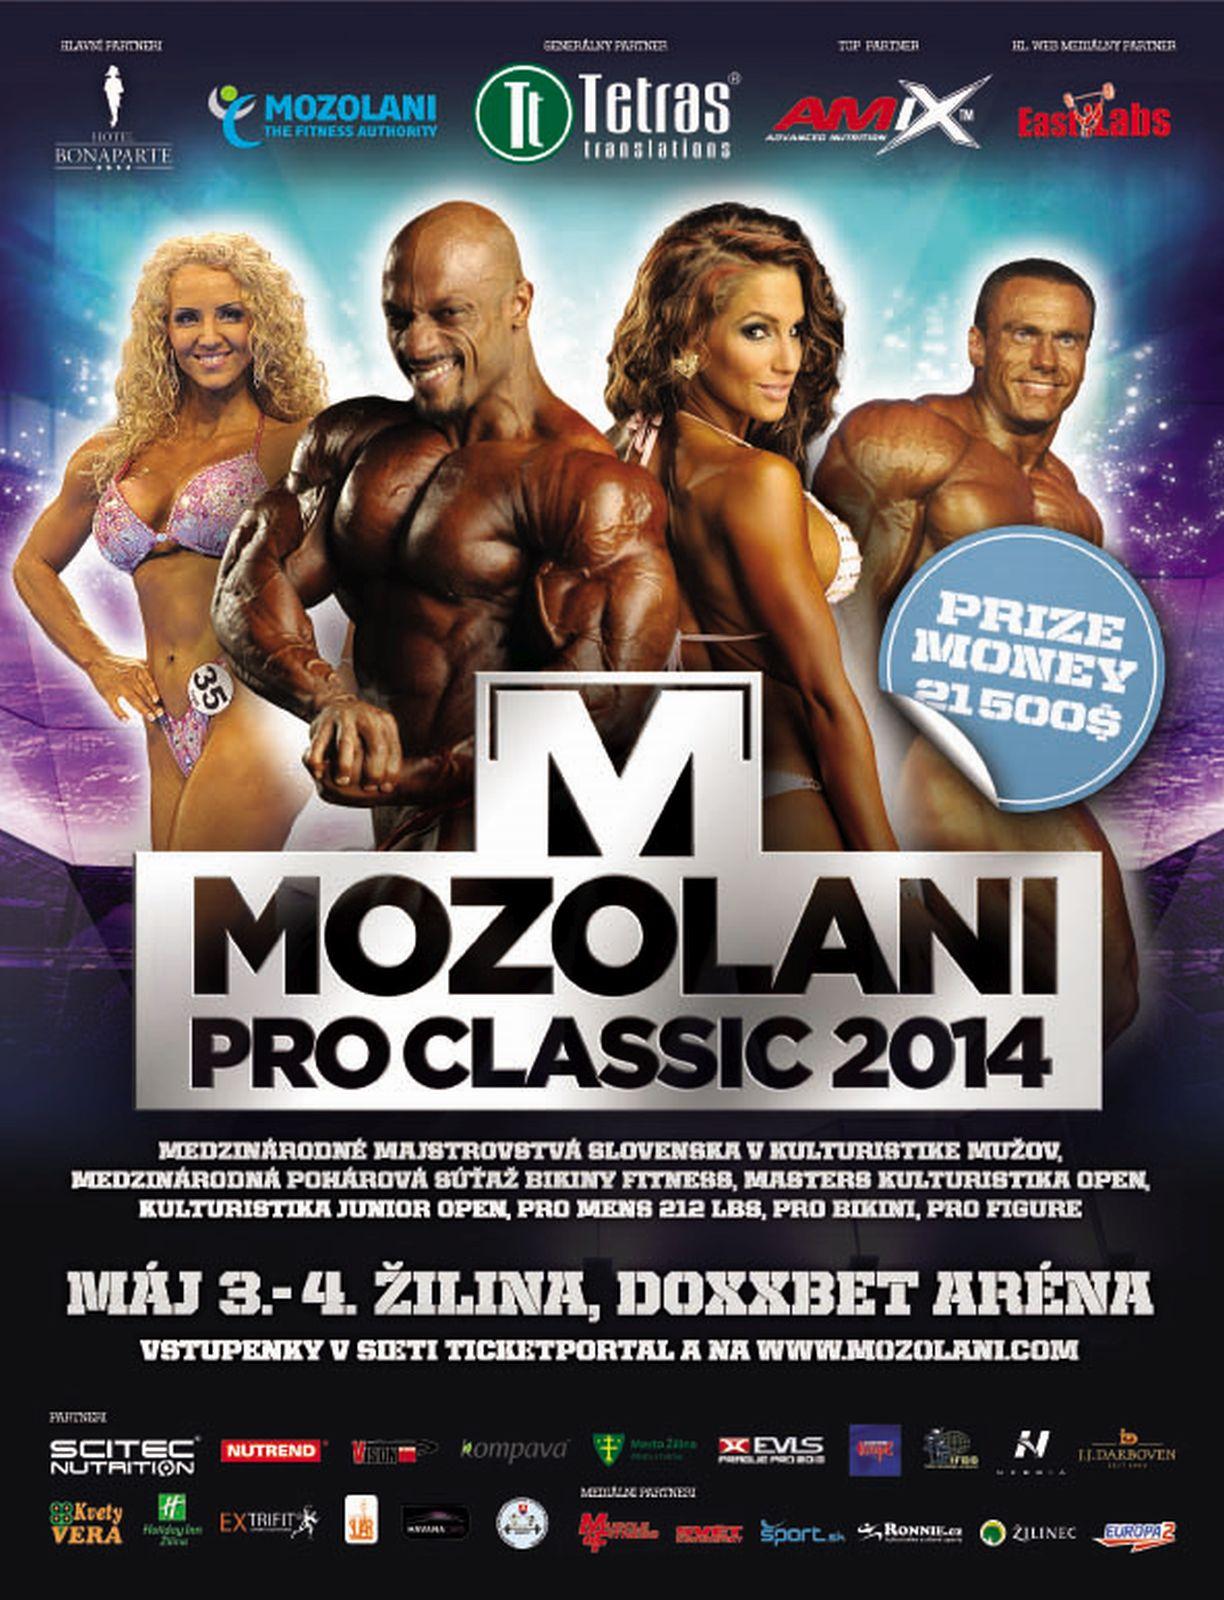 EXTRIFITSLOVAKIA NA MOZOLANI PRO CLASIC 2014